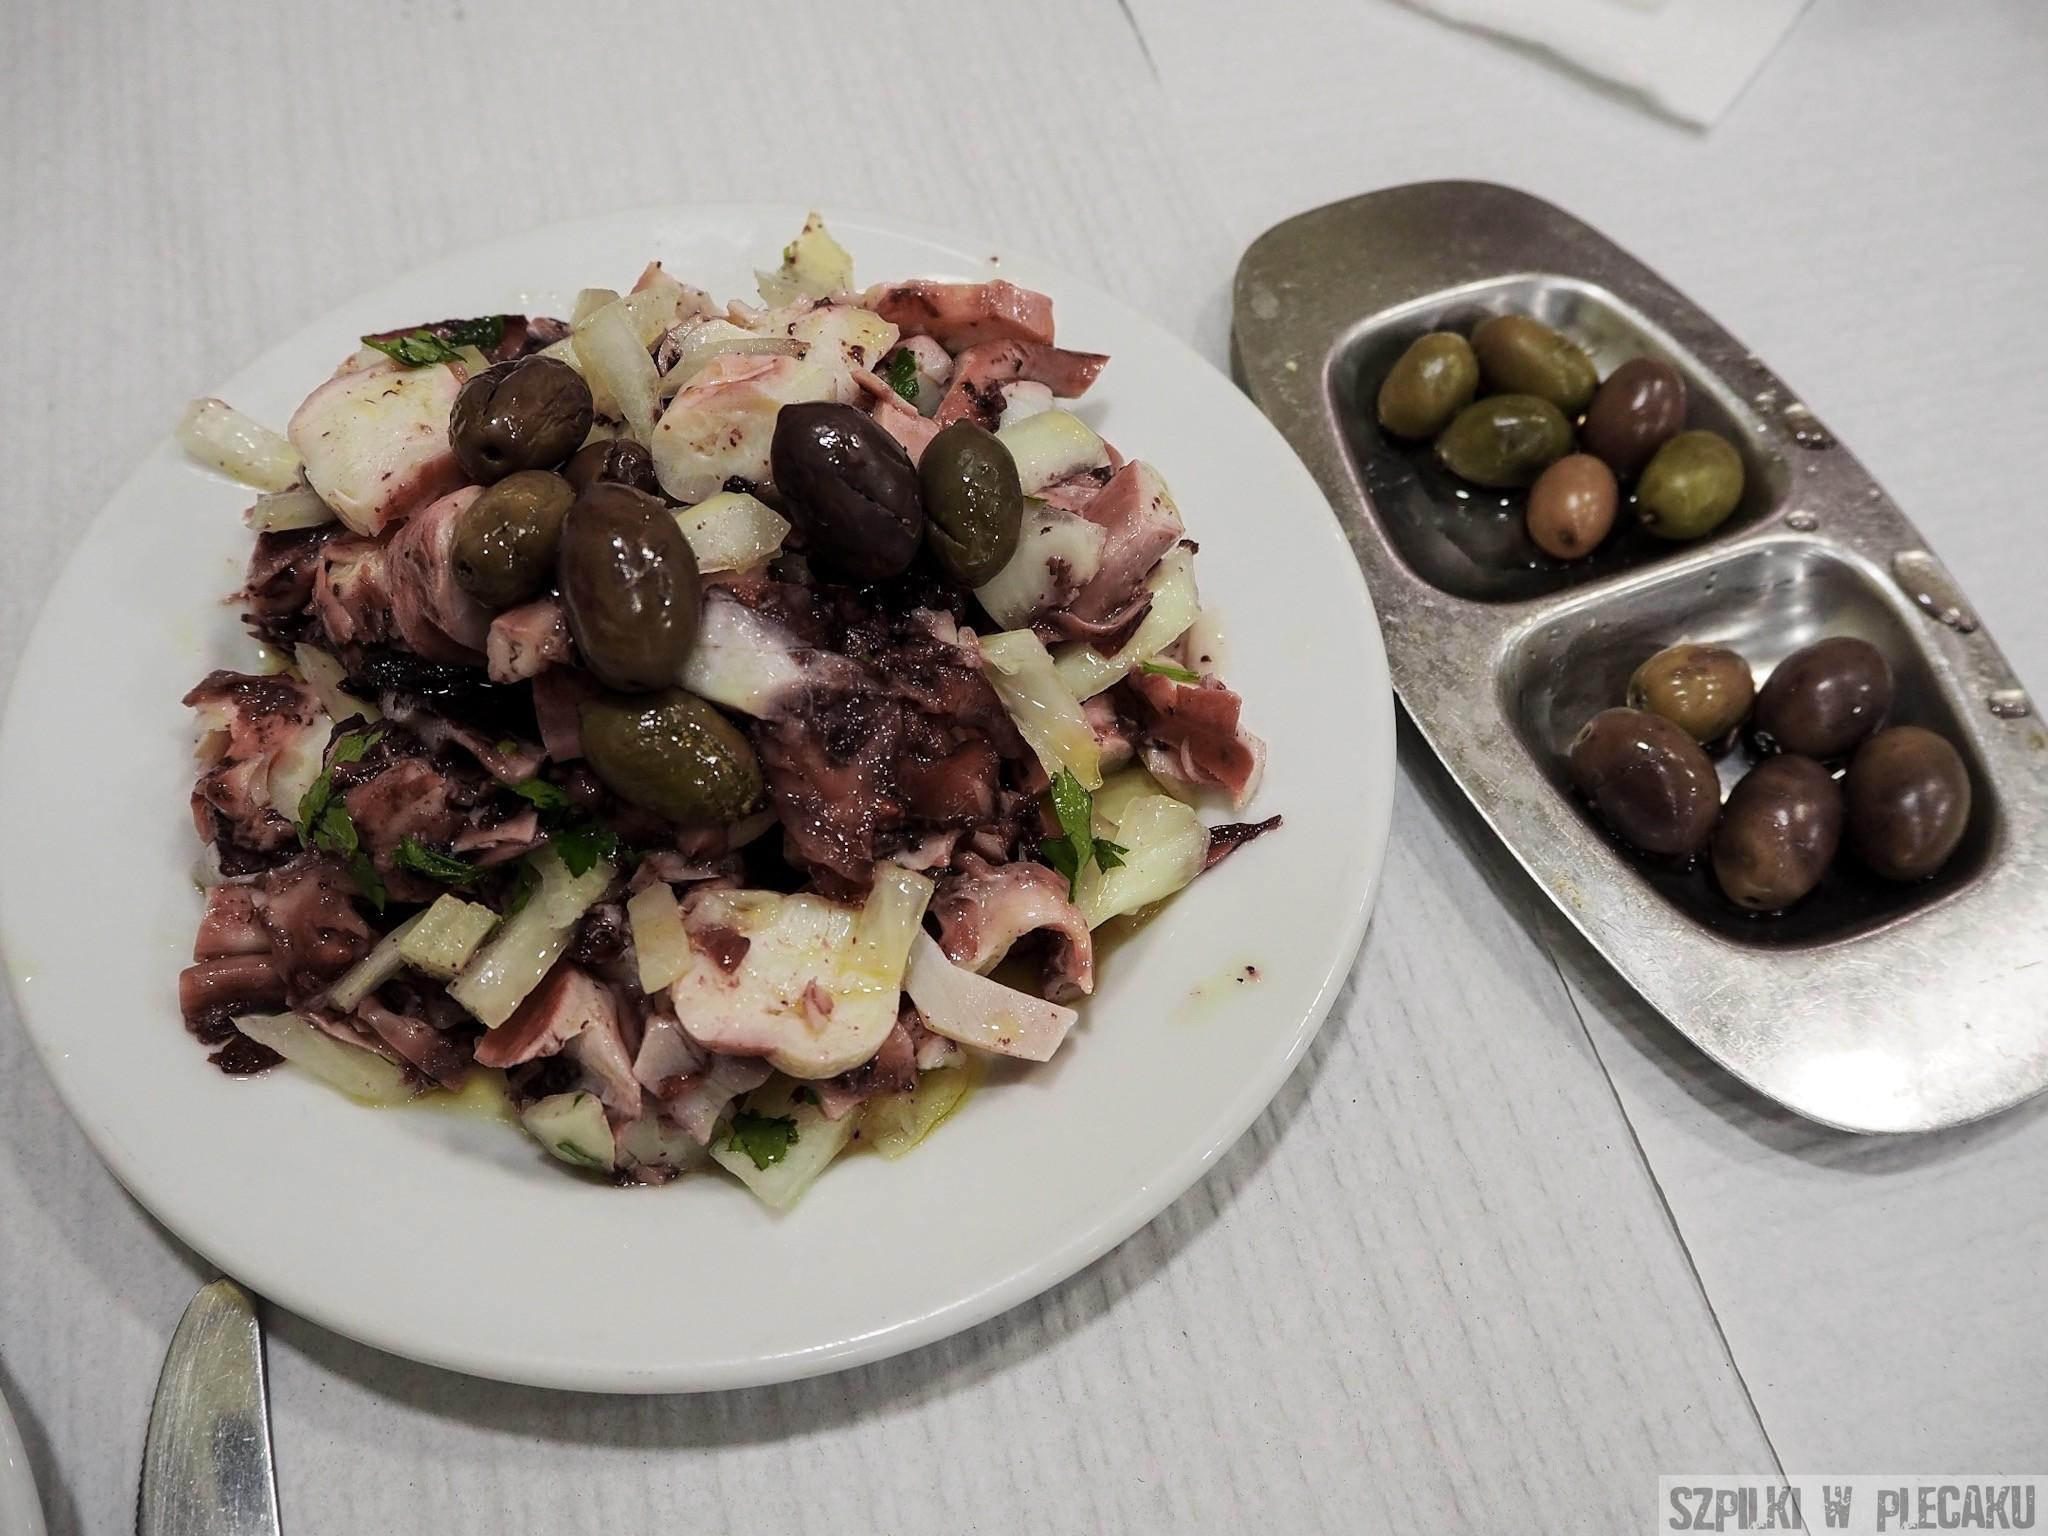 o Tabuas - sałatk z ośmiornicy - szpilki w plecaku - Ewa Chojnowska